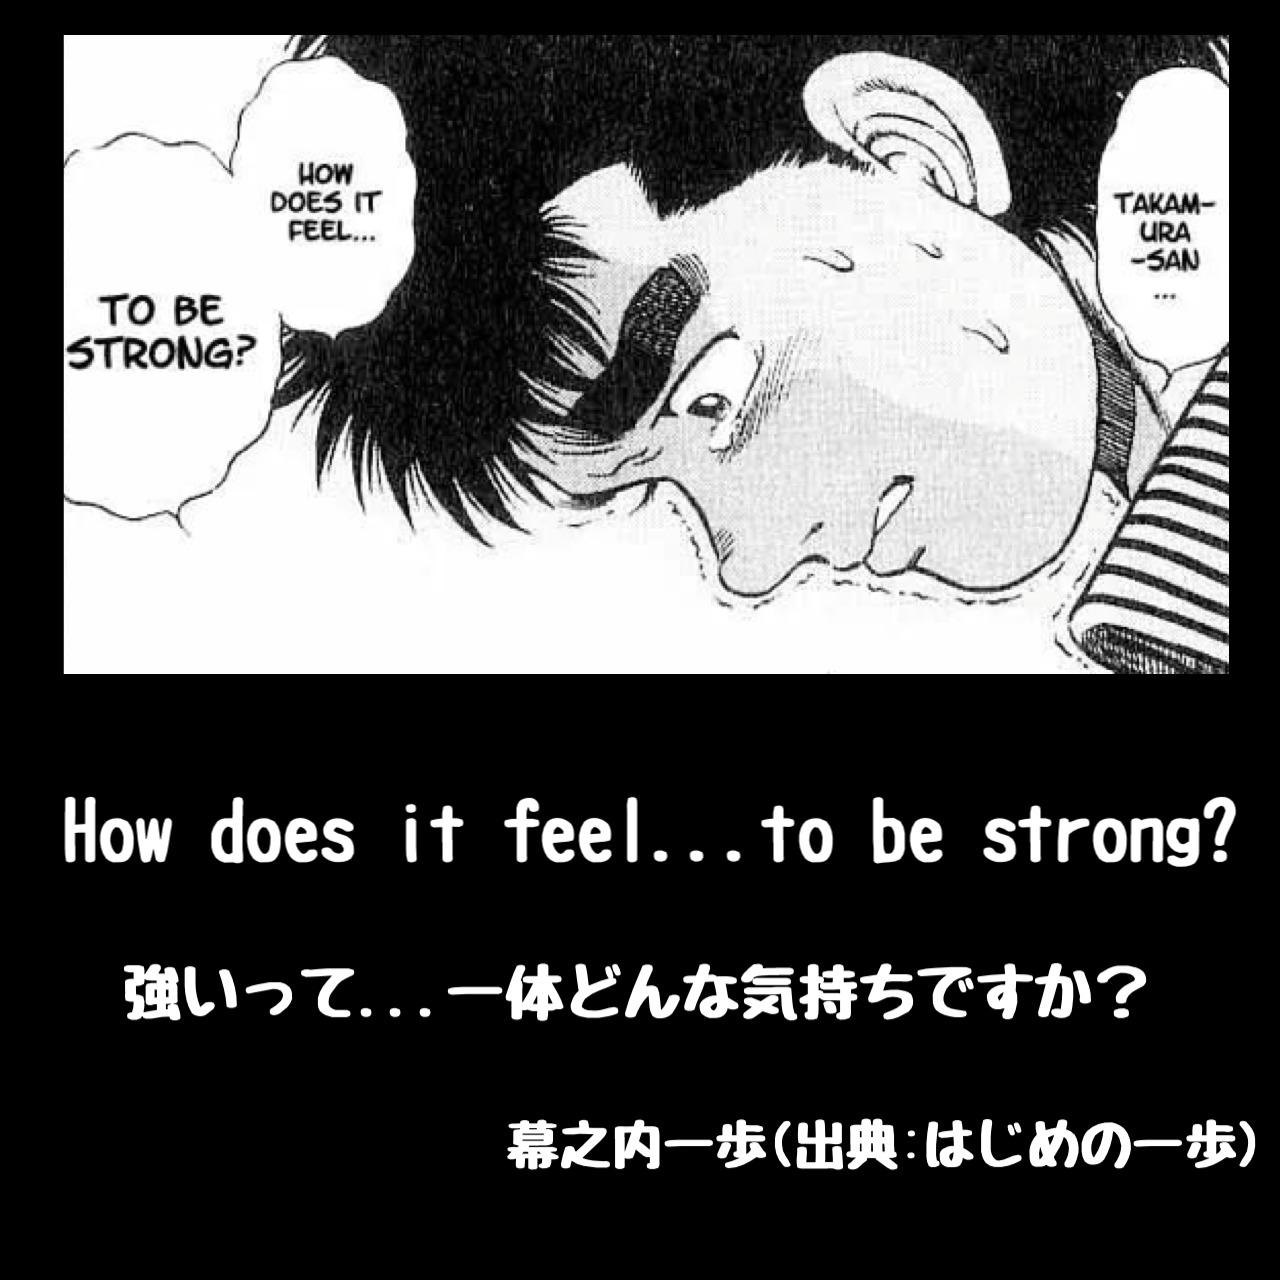 強いって...一体どんな気持ちですか? / 幕之内一歩(出典:はじめの一歩)